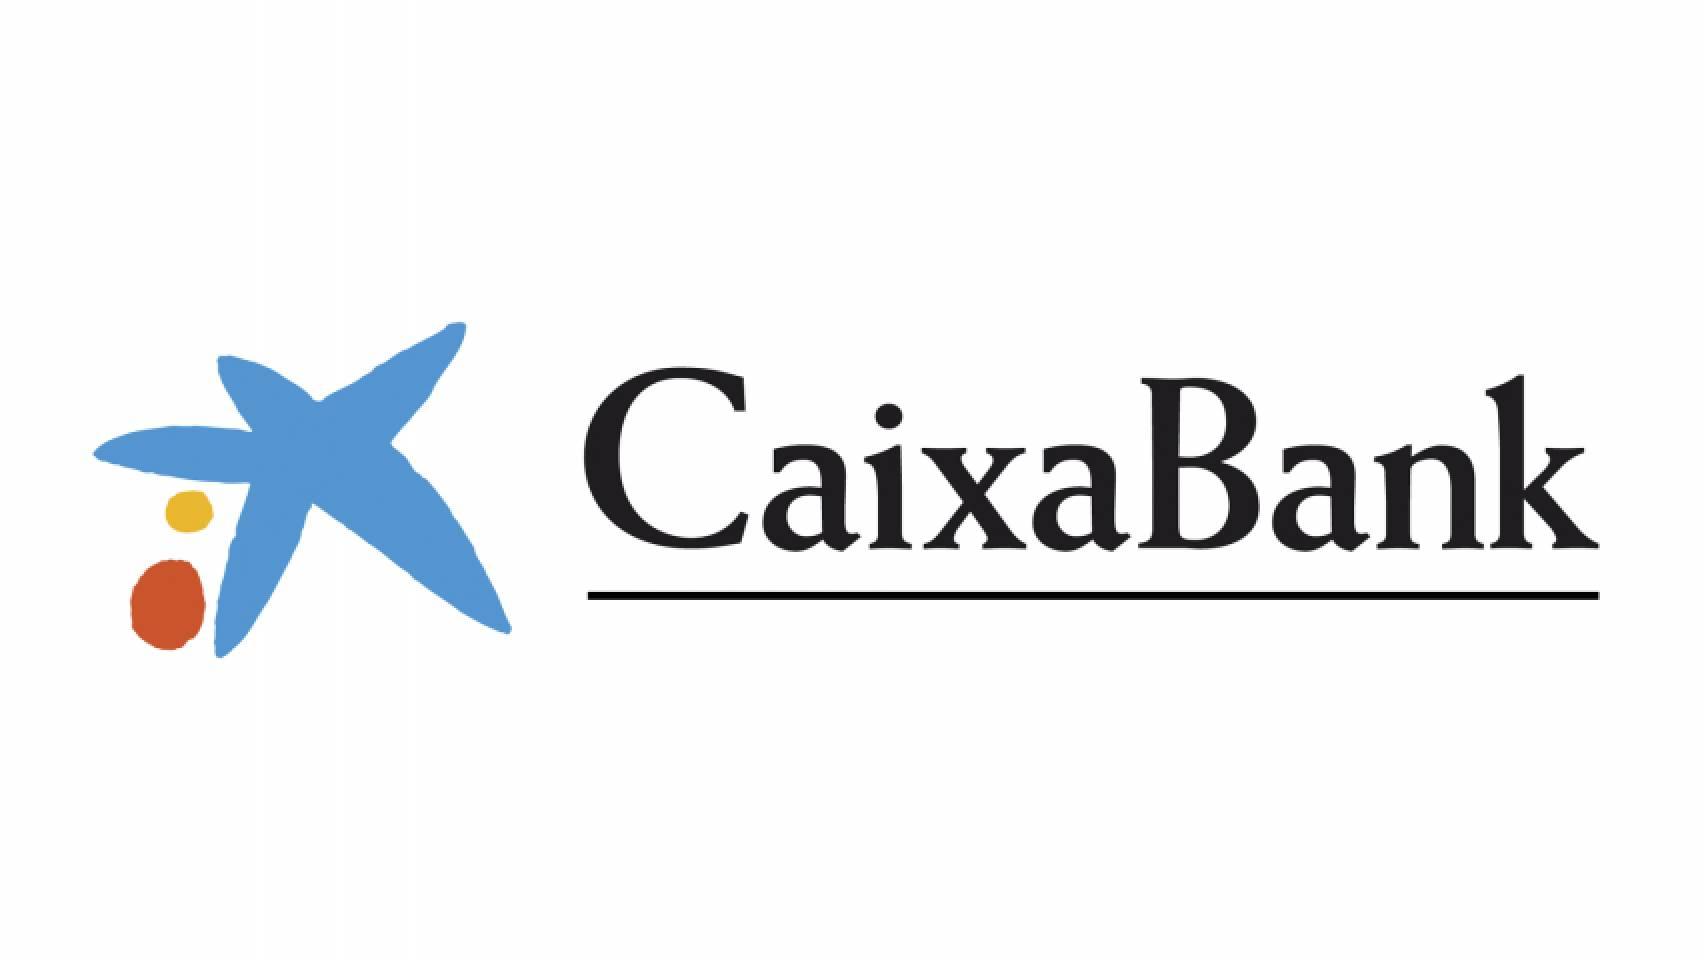 Caixabank la entidad l der en banca retail en espa a for Oficinas la caixa valencia